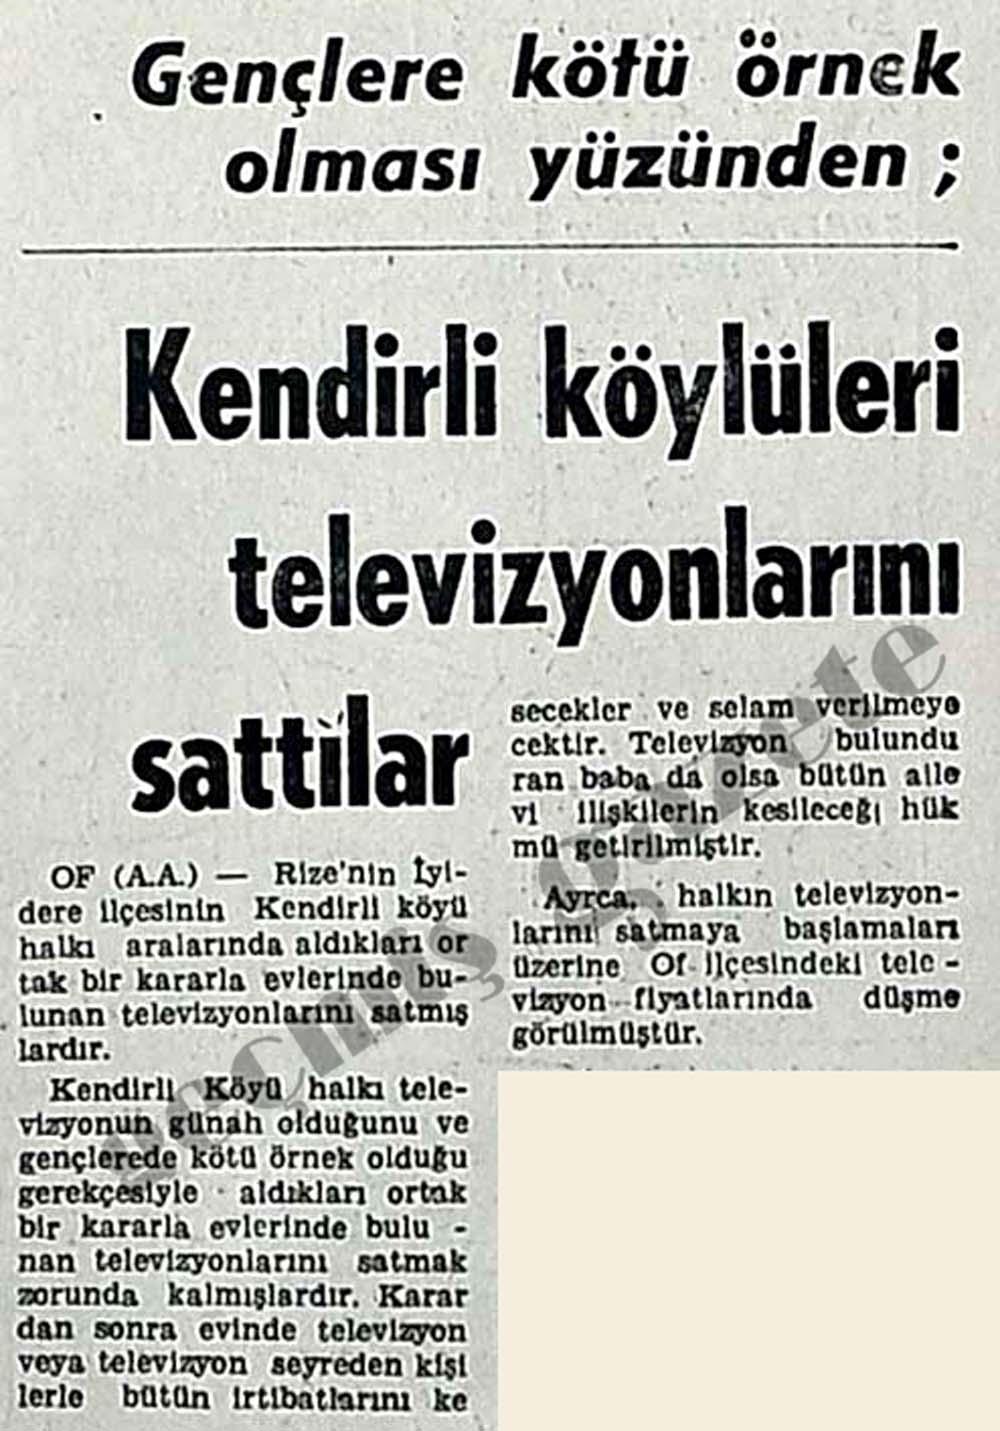 Gençlere kötü örnek olması yüzünden; Kendirli köylüleri televizyonlarını sattılar